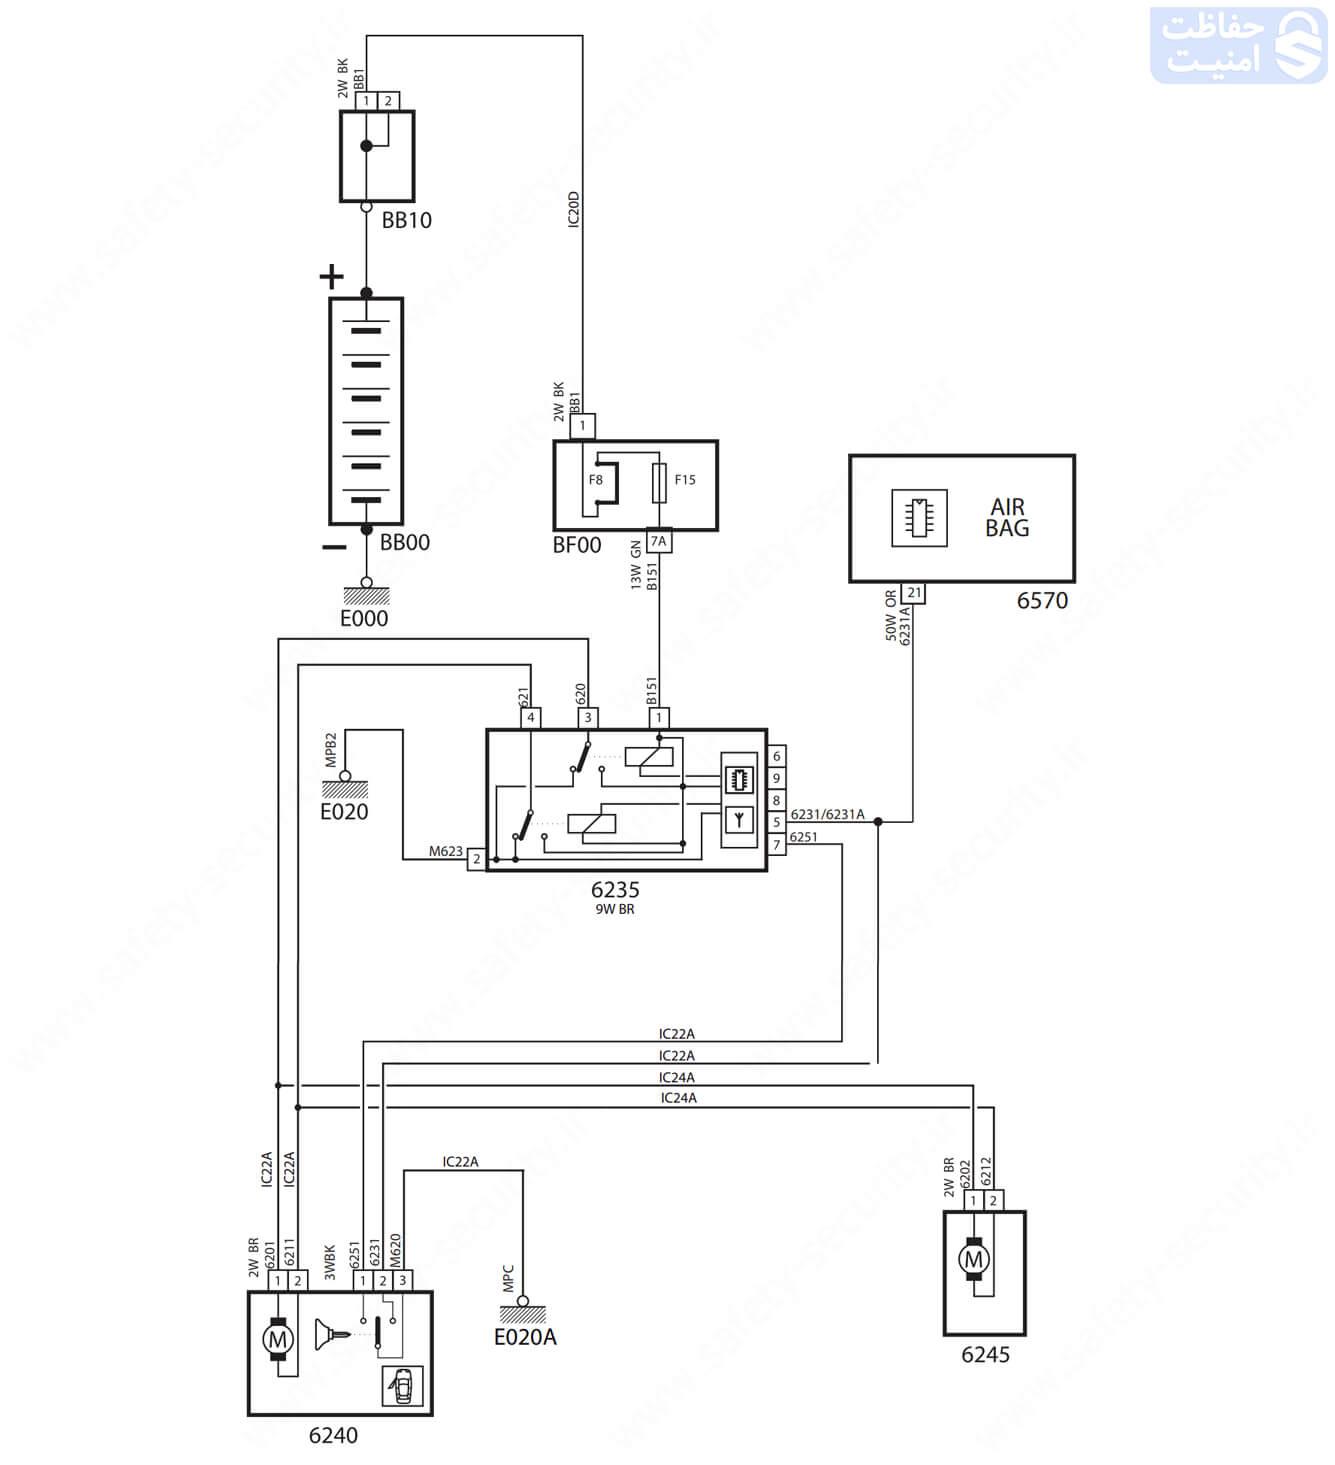 نقشه قفل مرکزی آریسان